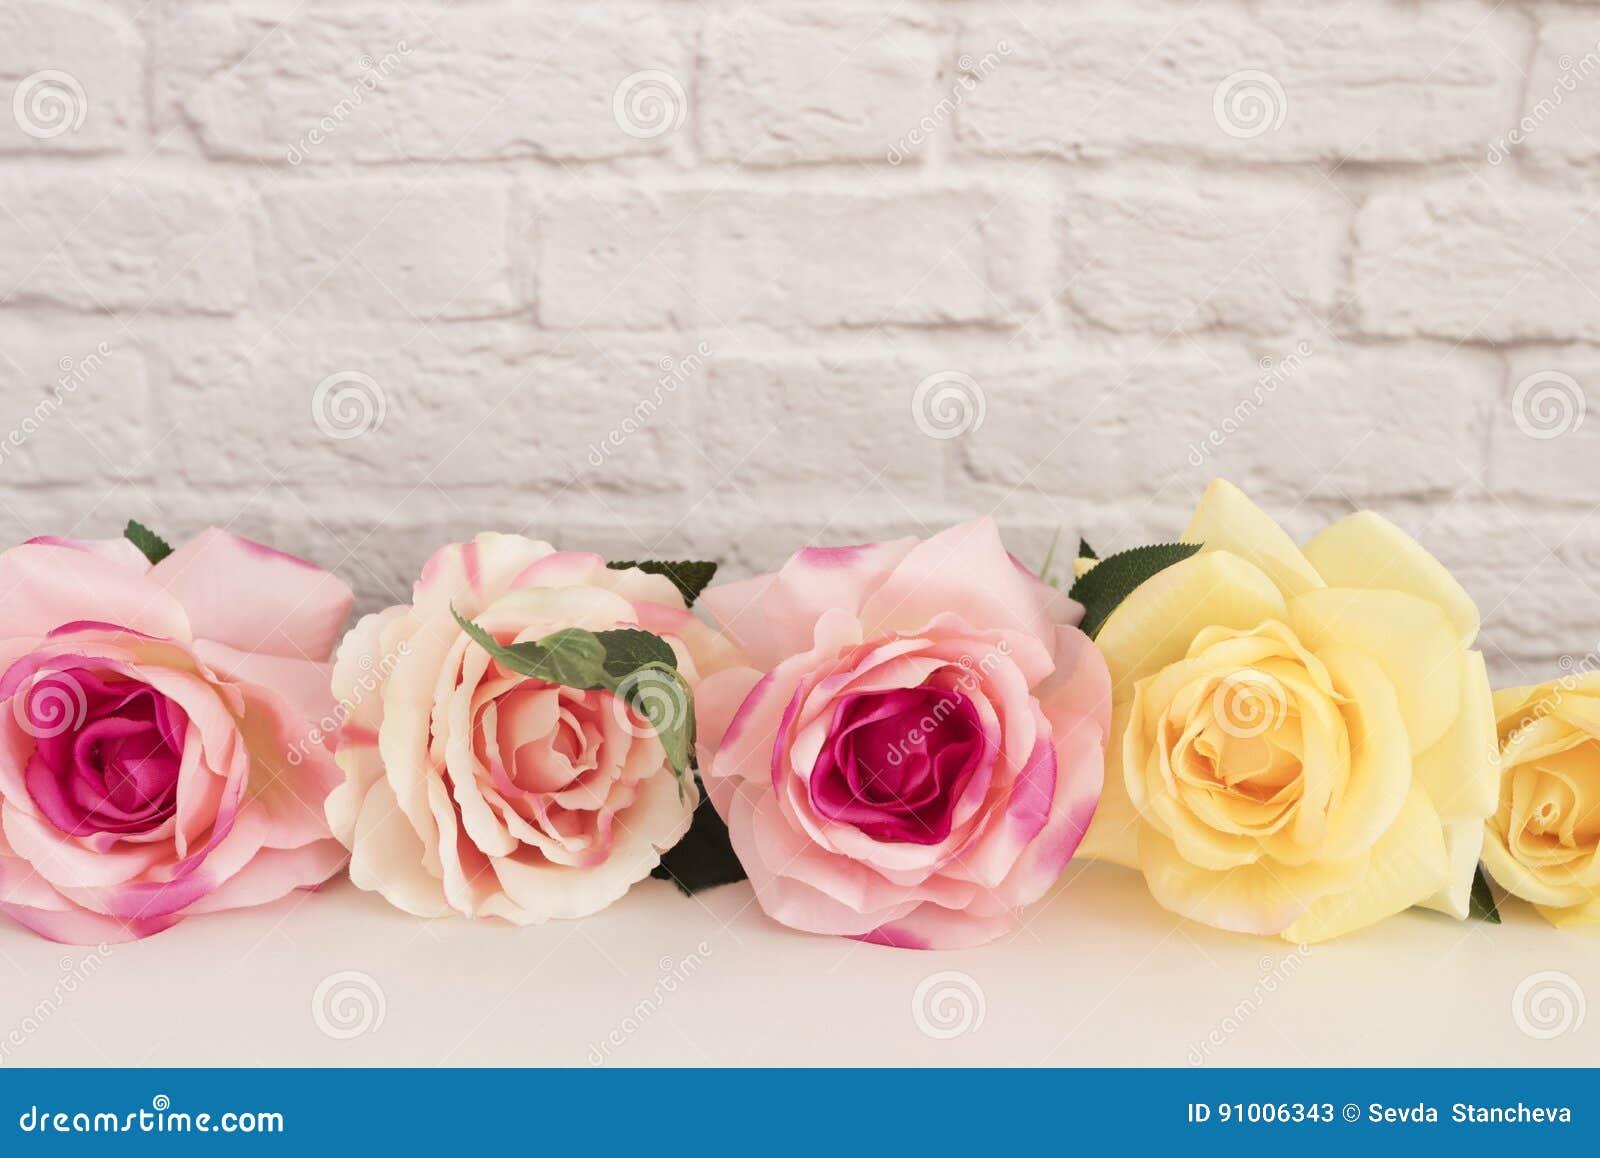 Rosa Rose Mock Up Utformat materielfotografi Blom- ram, utformad väggåtlöje upp Rose Flower Mockup Valentine Mothers Day Card, Gi